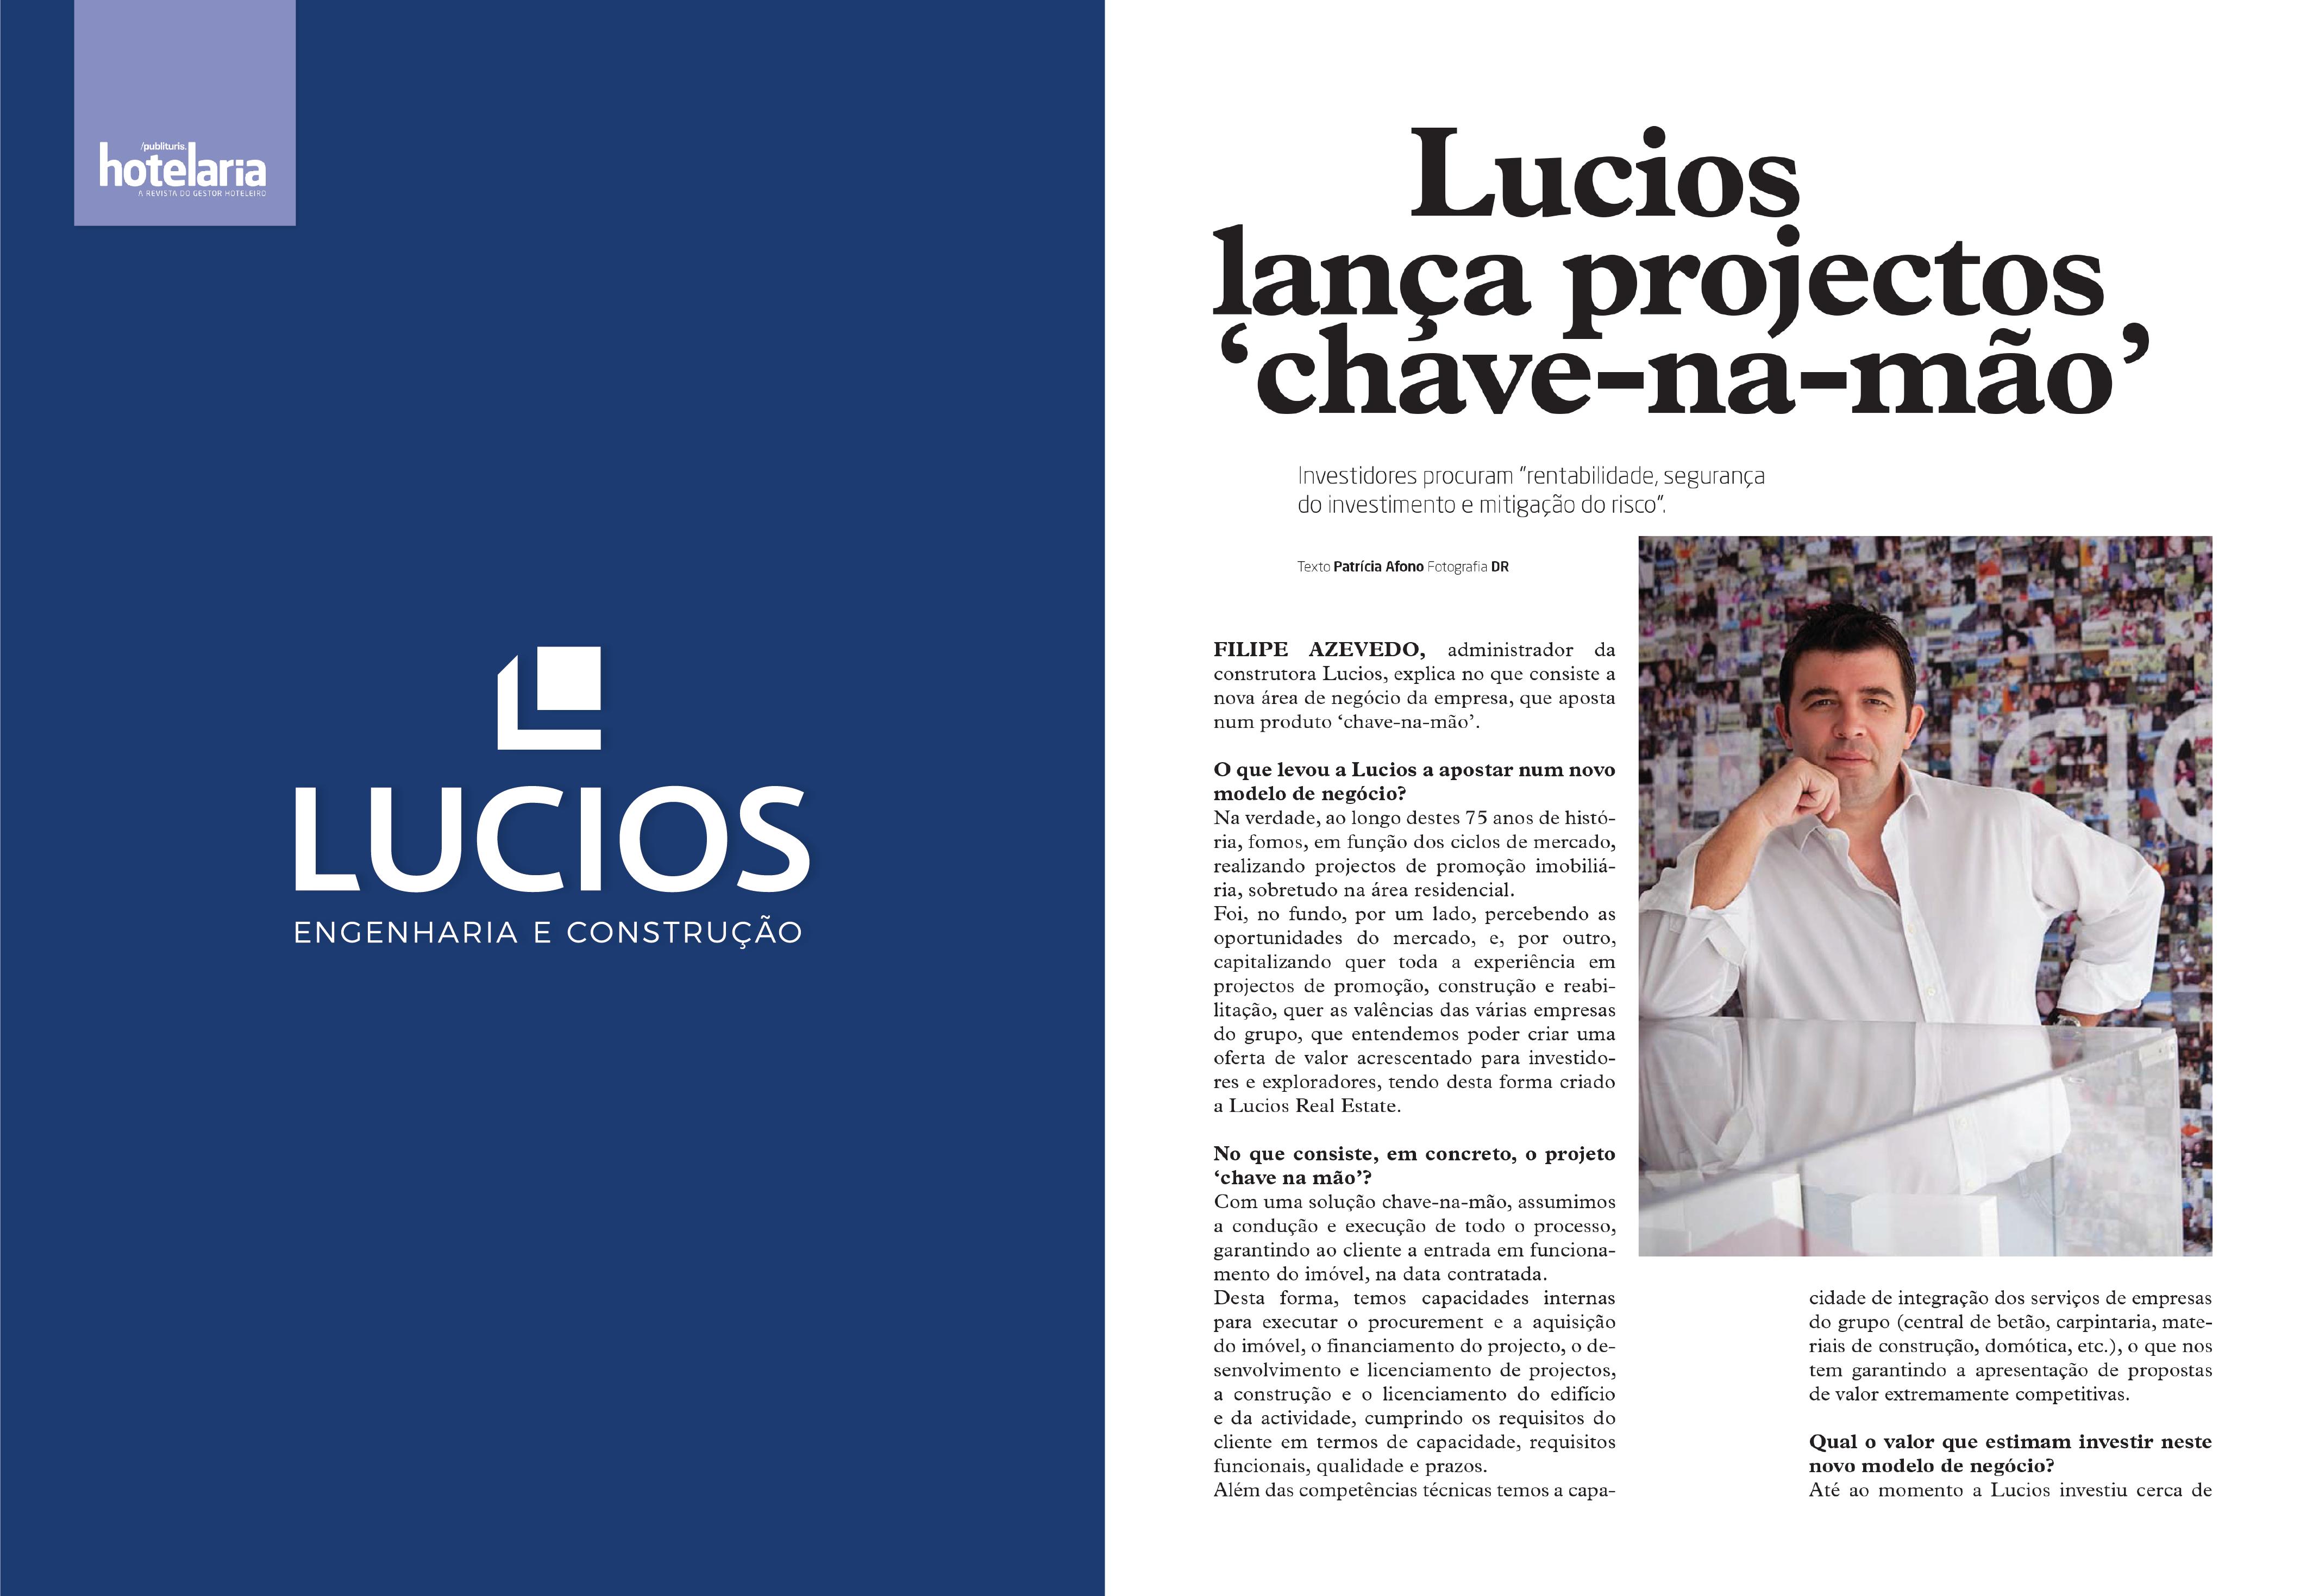 Lucios lança projectos chave-na-mão   Entrevista a Filipe Azevedo   In Publituris